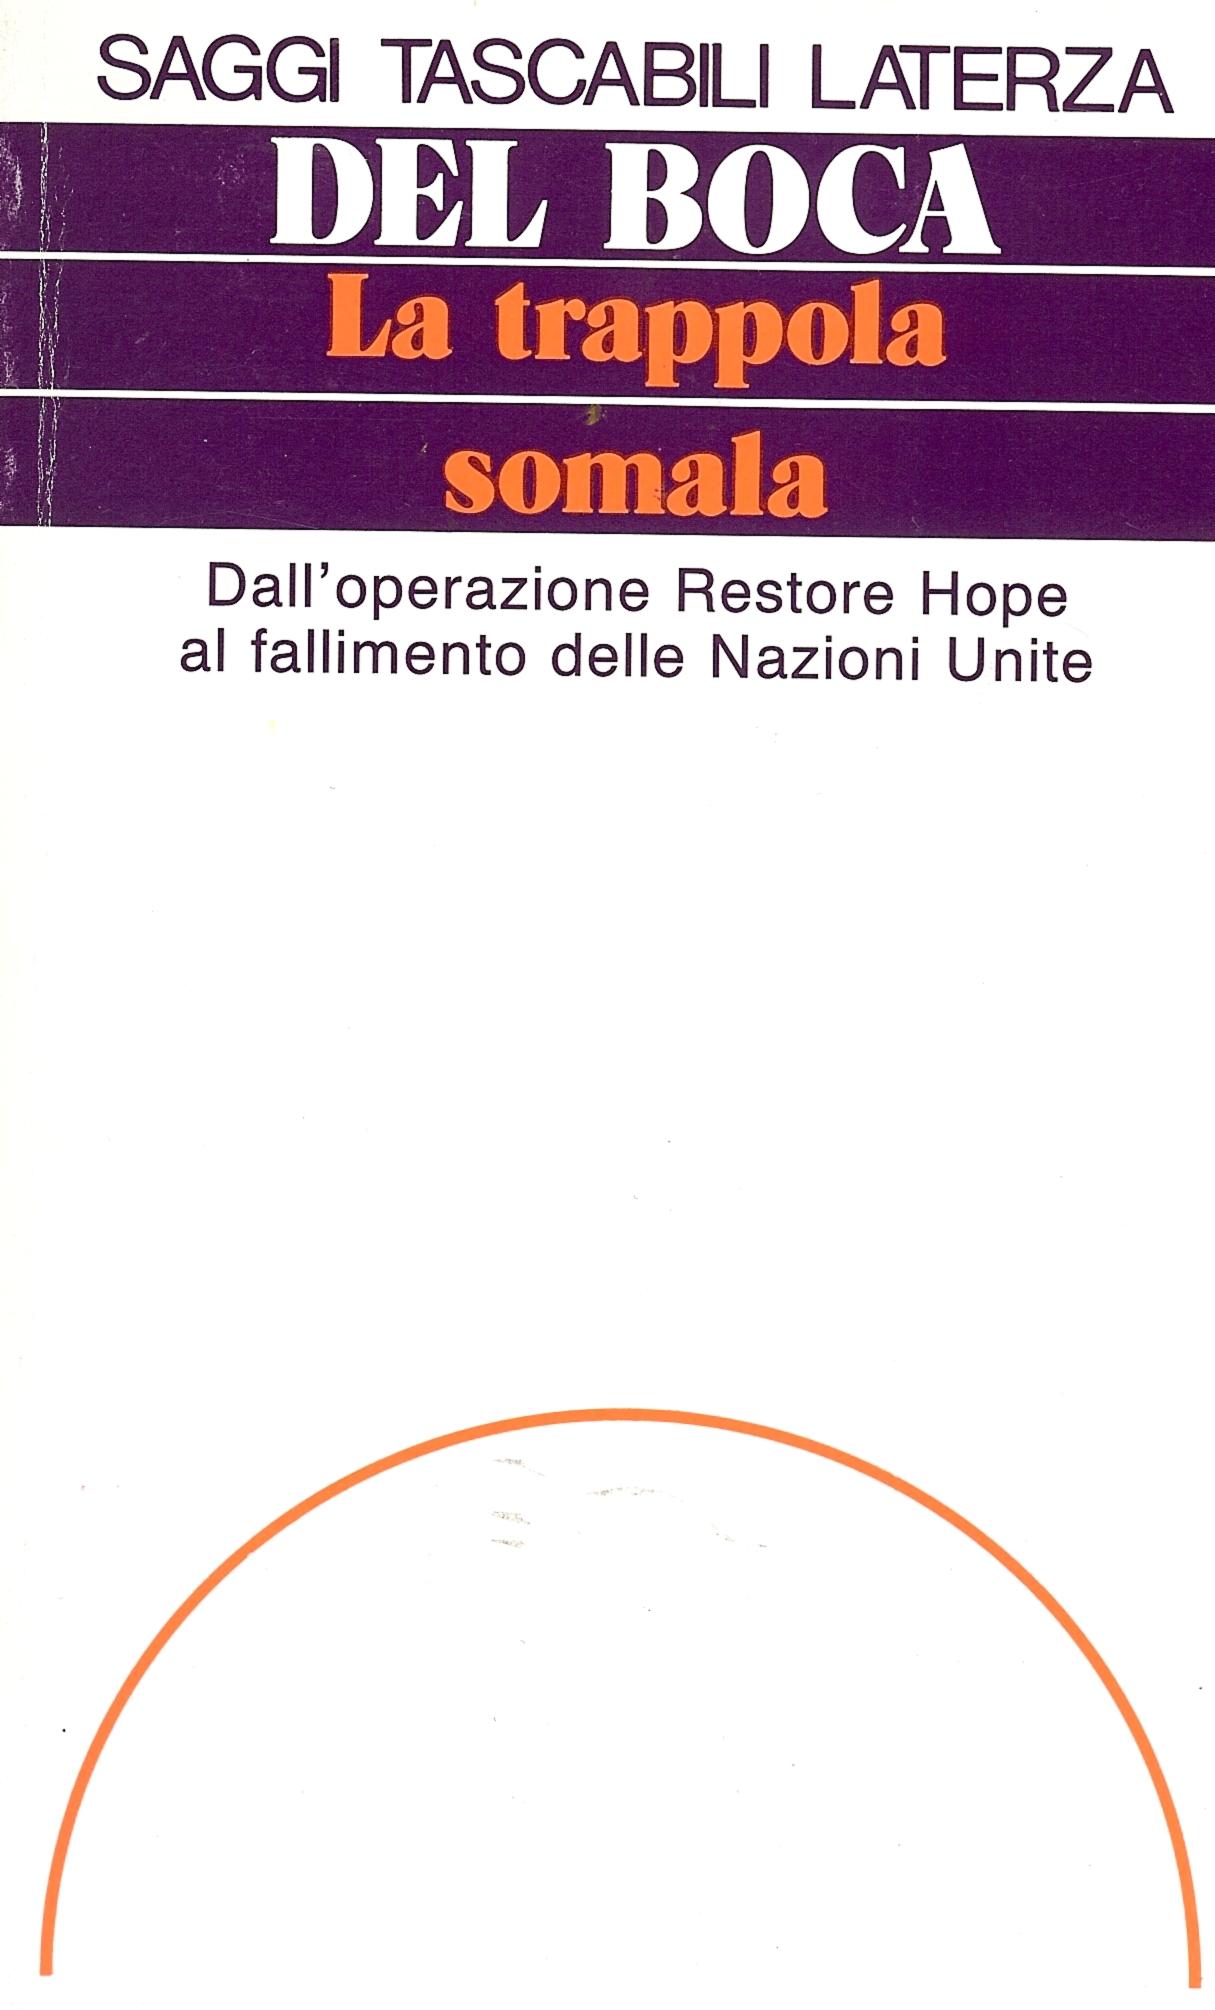 La trappola somala